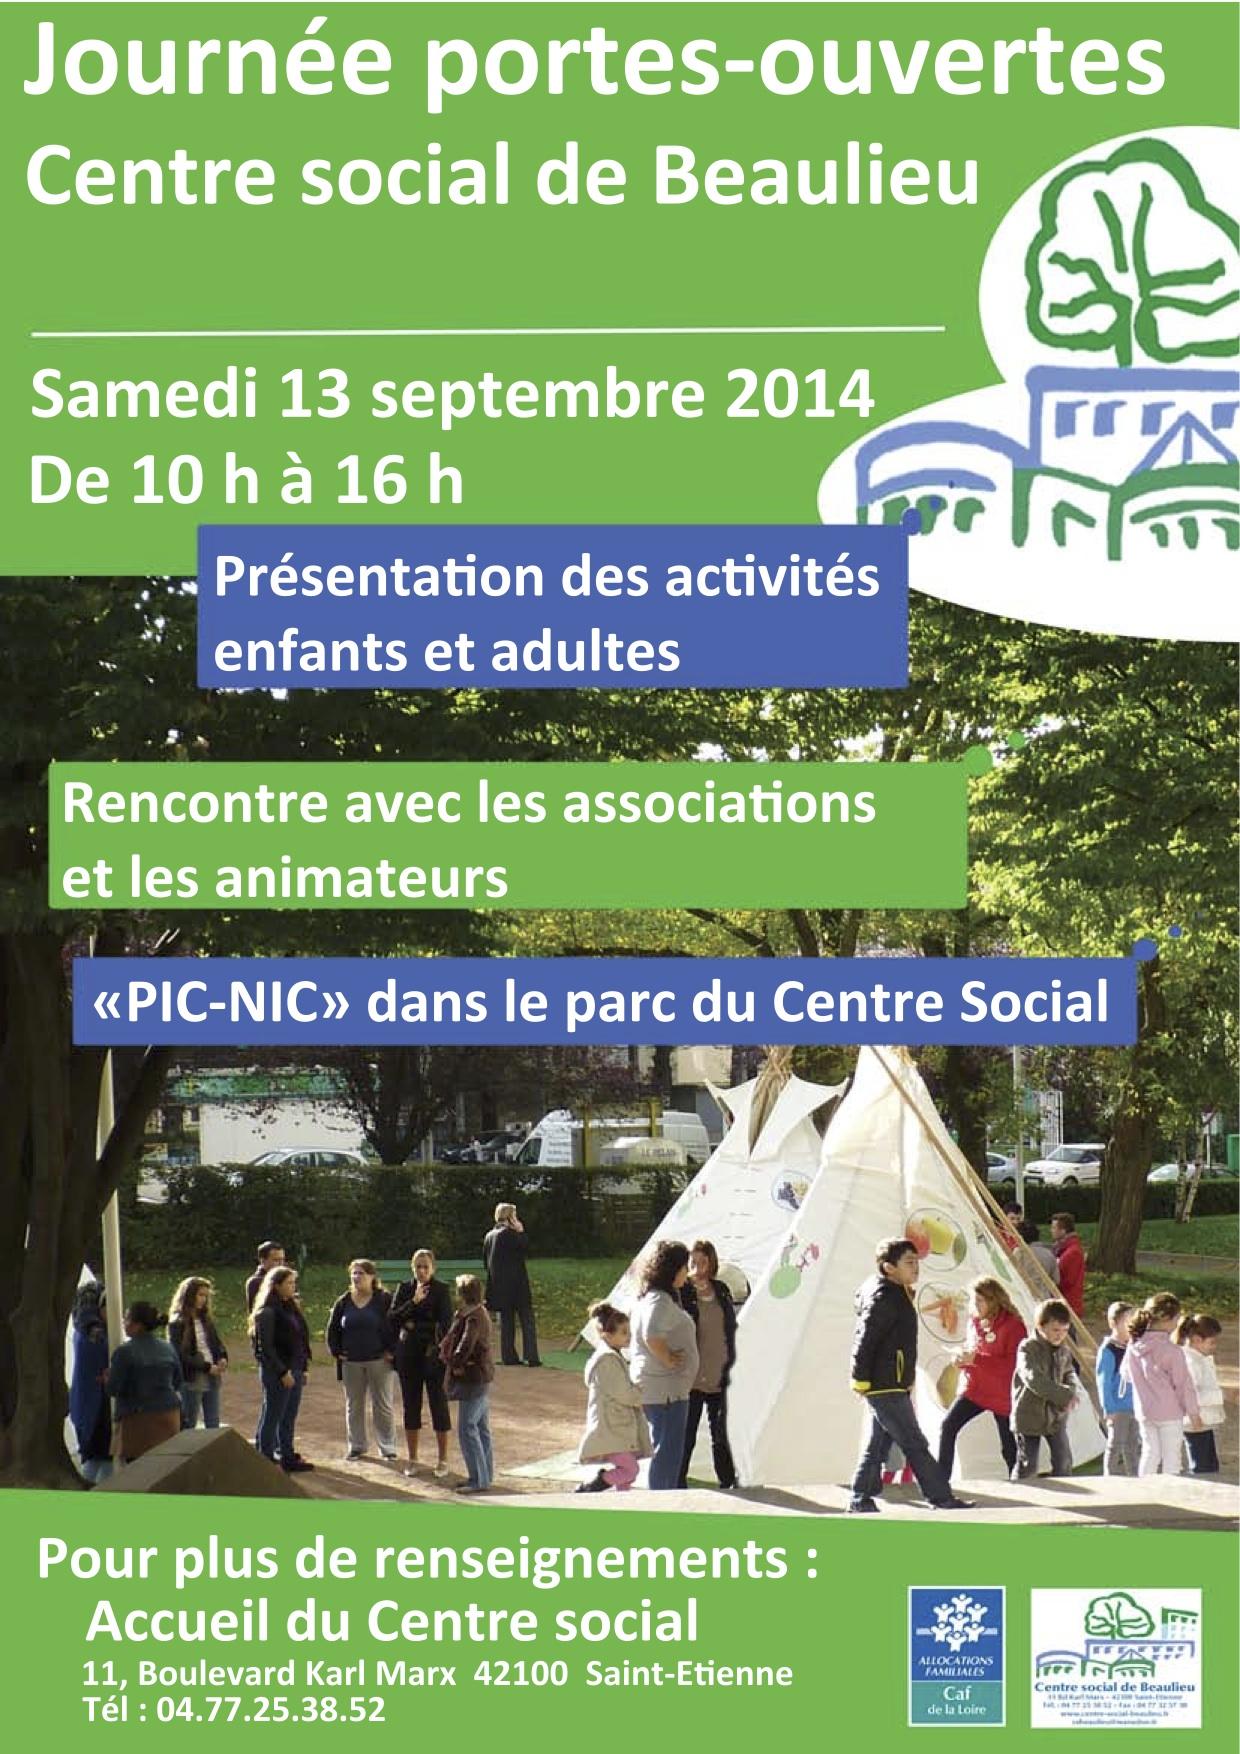 Affiche centre social de beaulieu 2 1